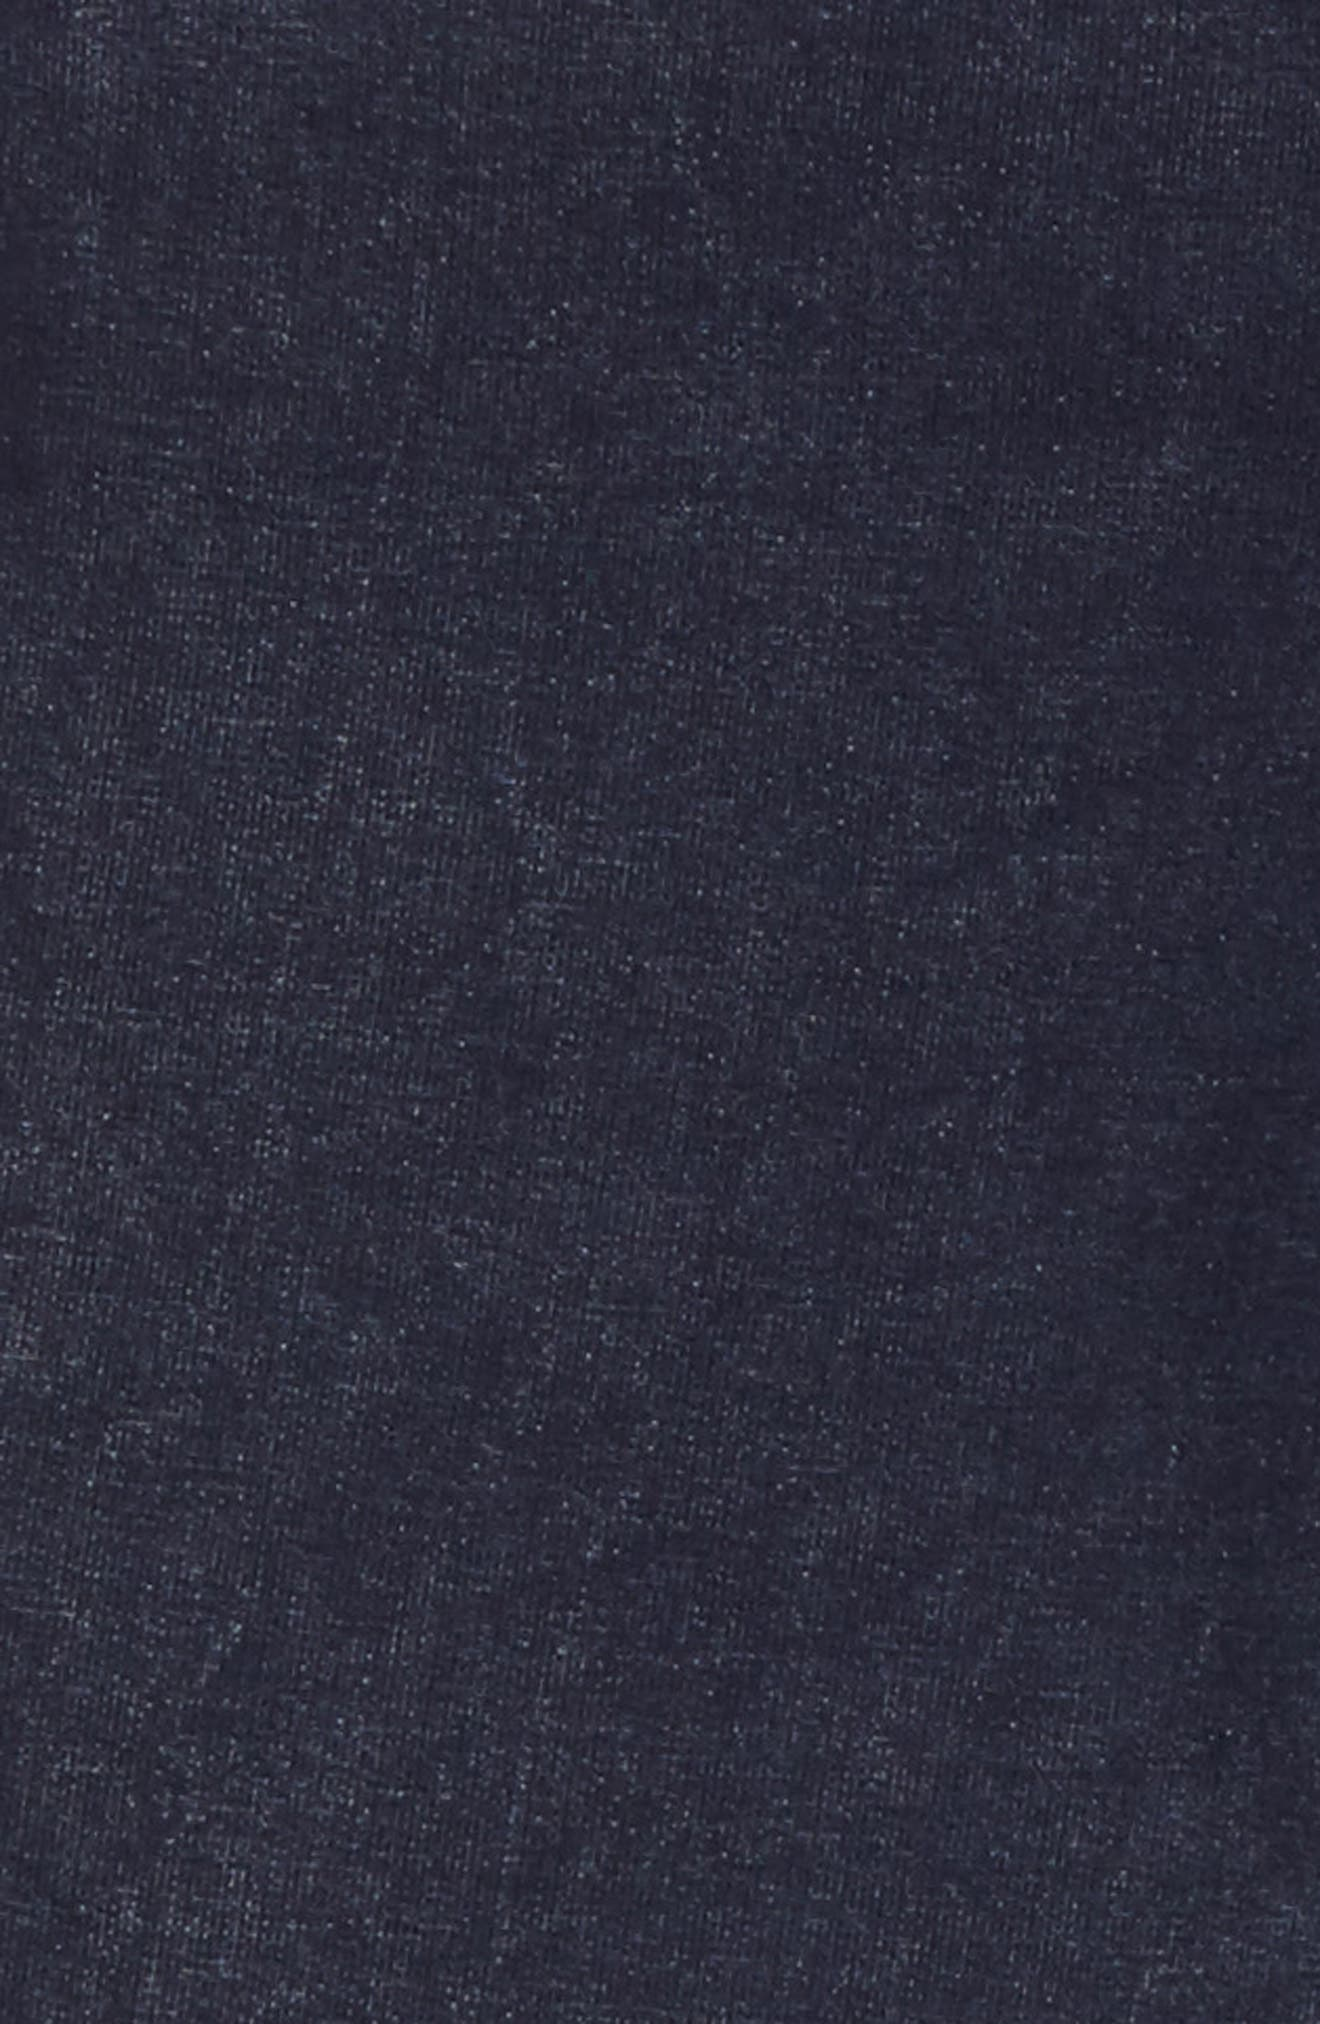 TUCKER + TATE,                             'Sadie' Jeggings,                             Alternate thumbnail 3, color,                             DARK INDIGO WASH